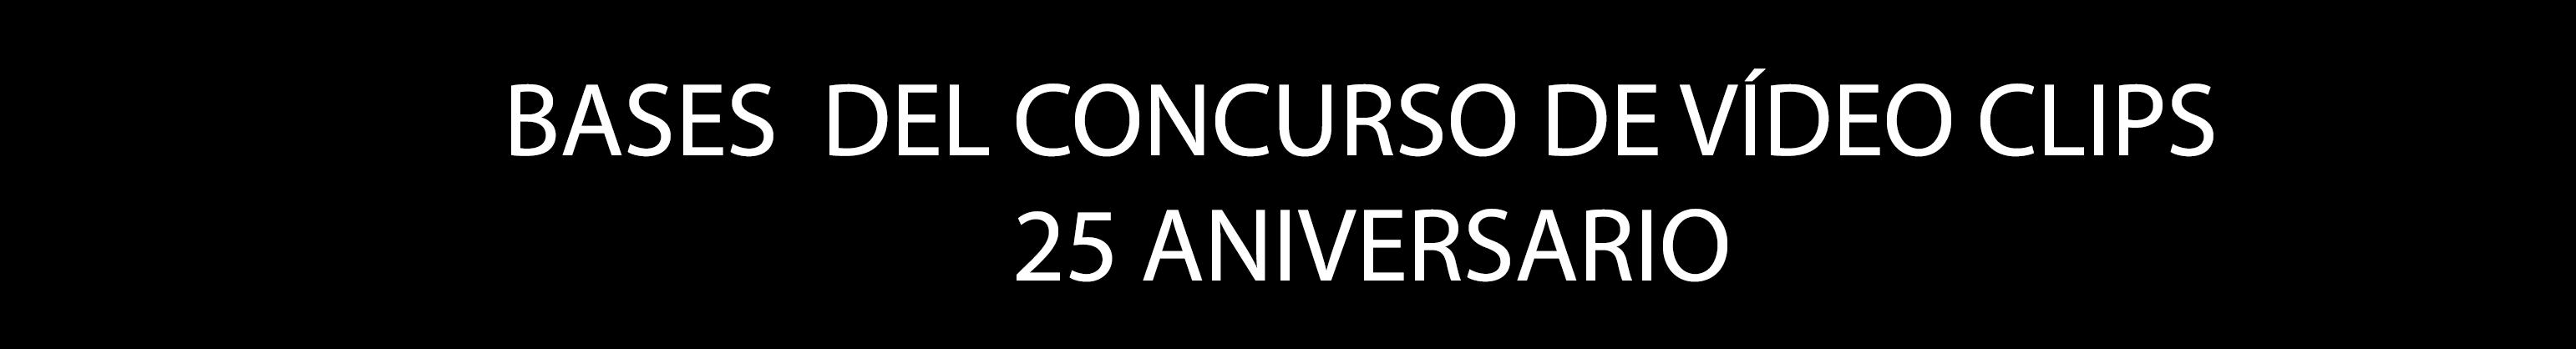 BANNER-CONCURSO-VIDEOS-OVER-OIDNA-25